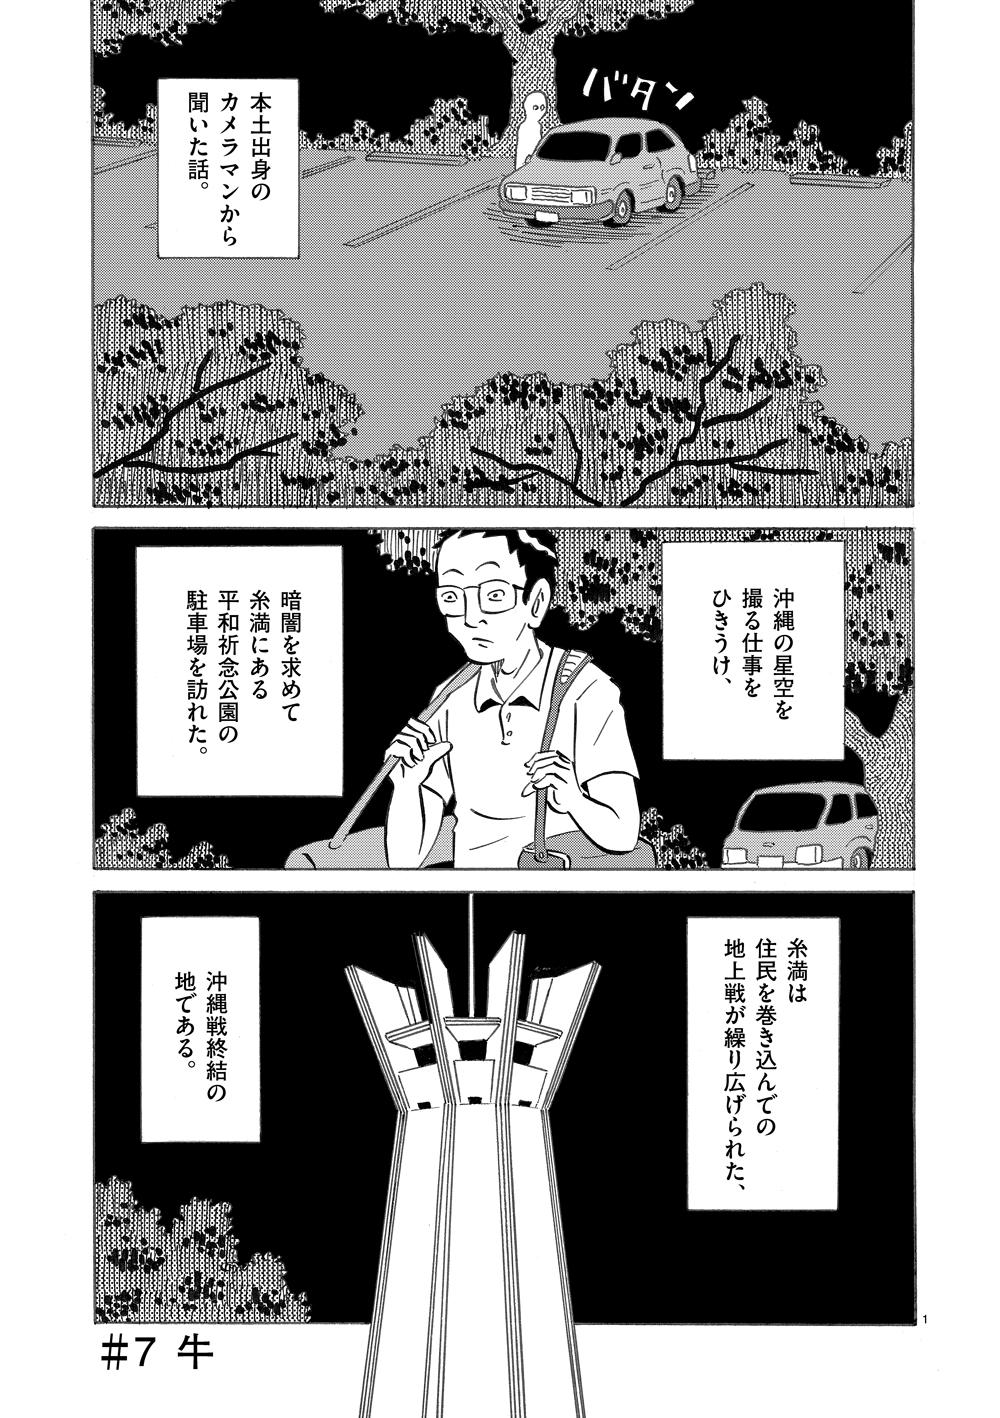 琉球怪談 【第7話】WEB掲載1ページ目画像